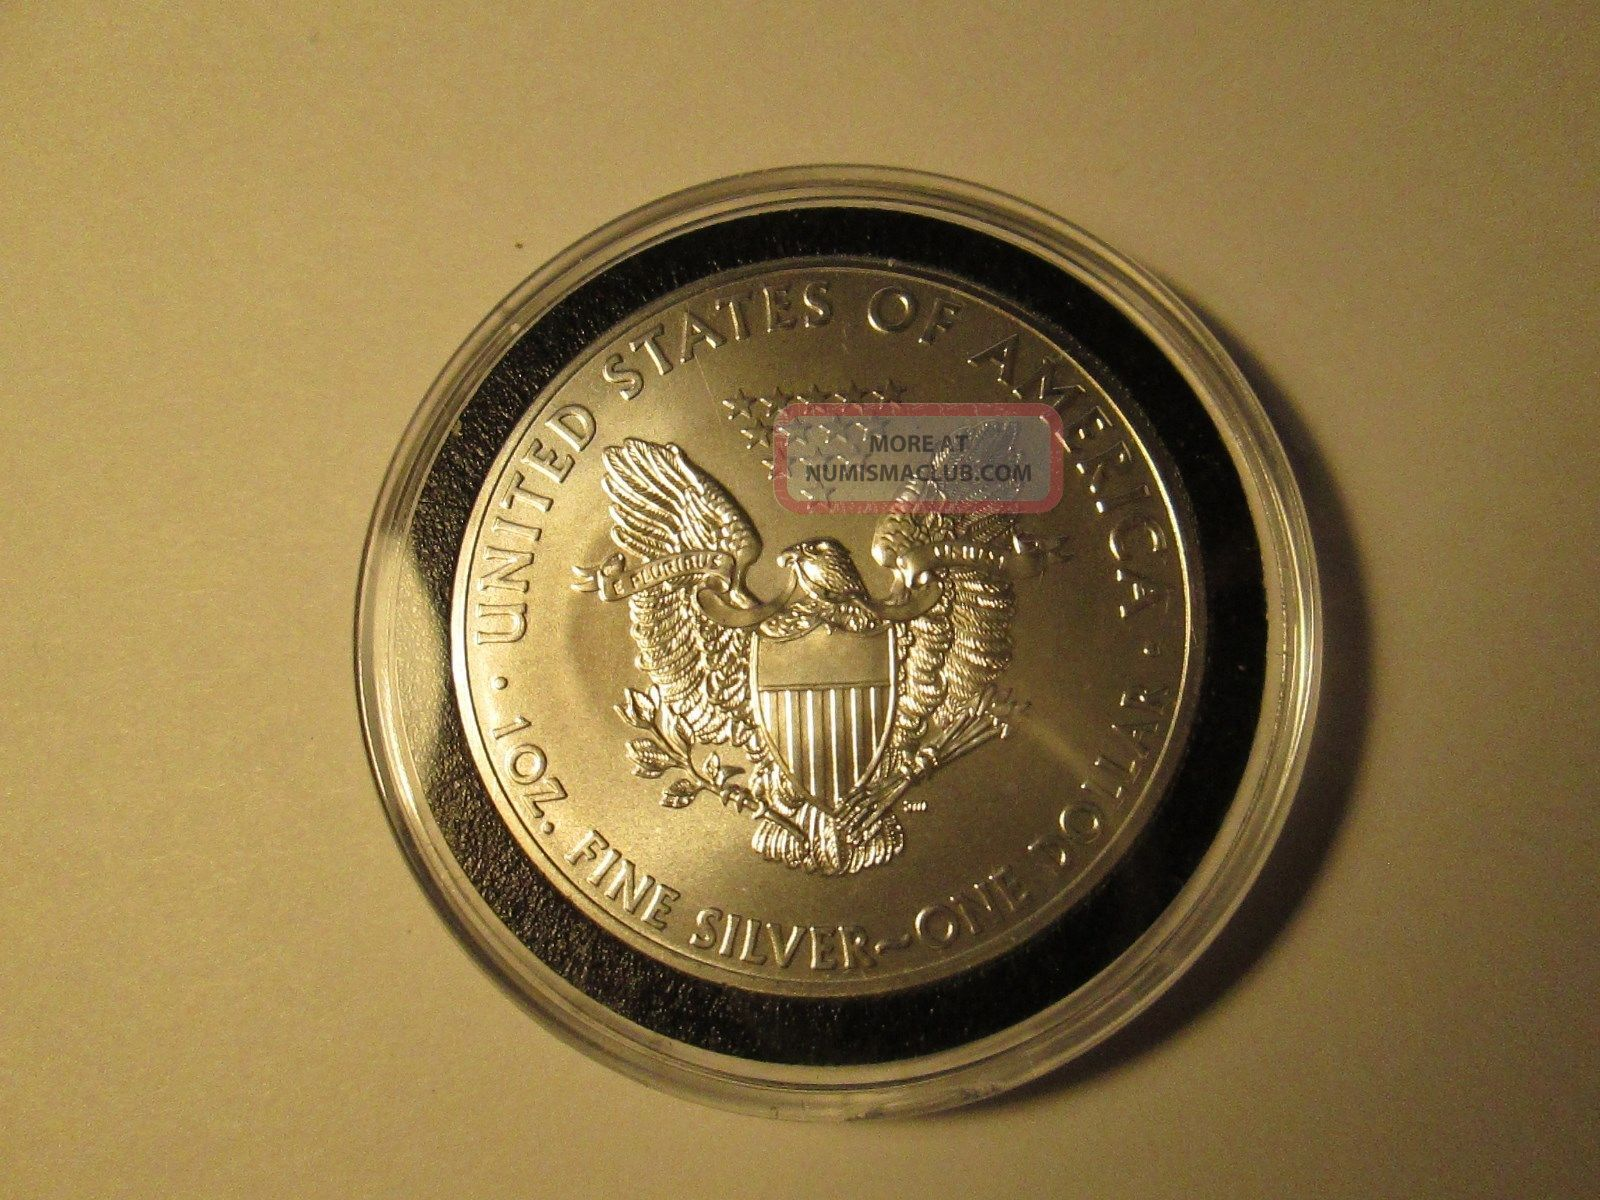 2014 Silver American Eagle Uncirculated 1 Oz 999 Fine